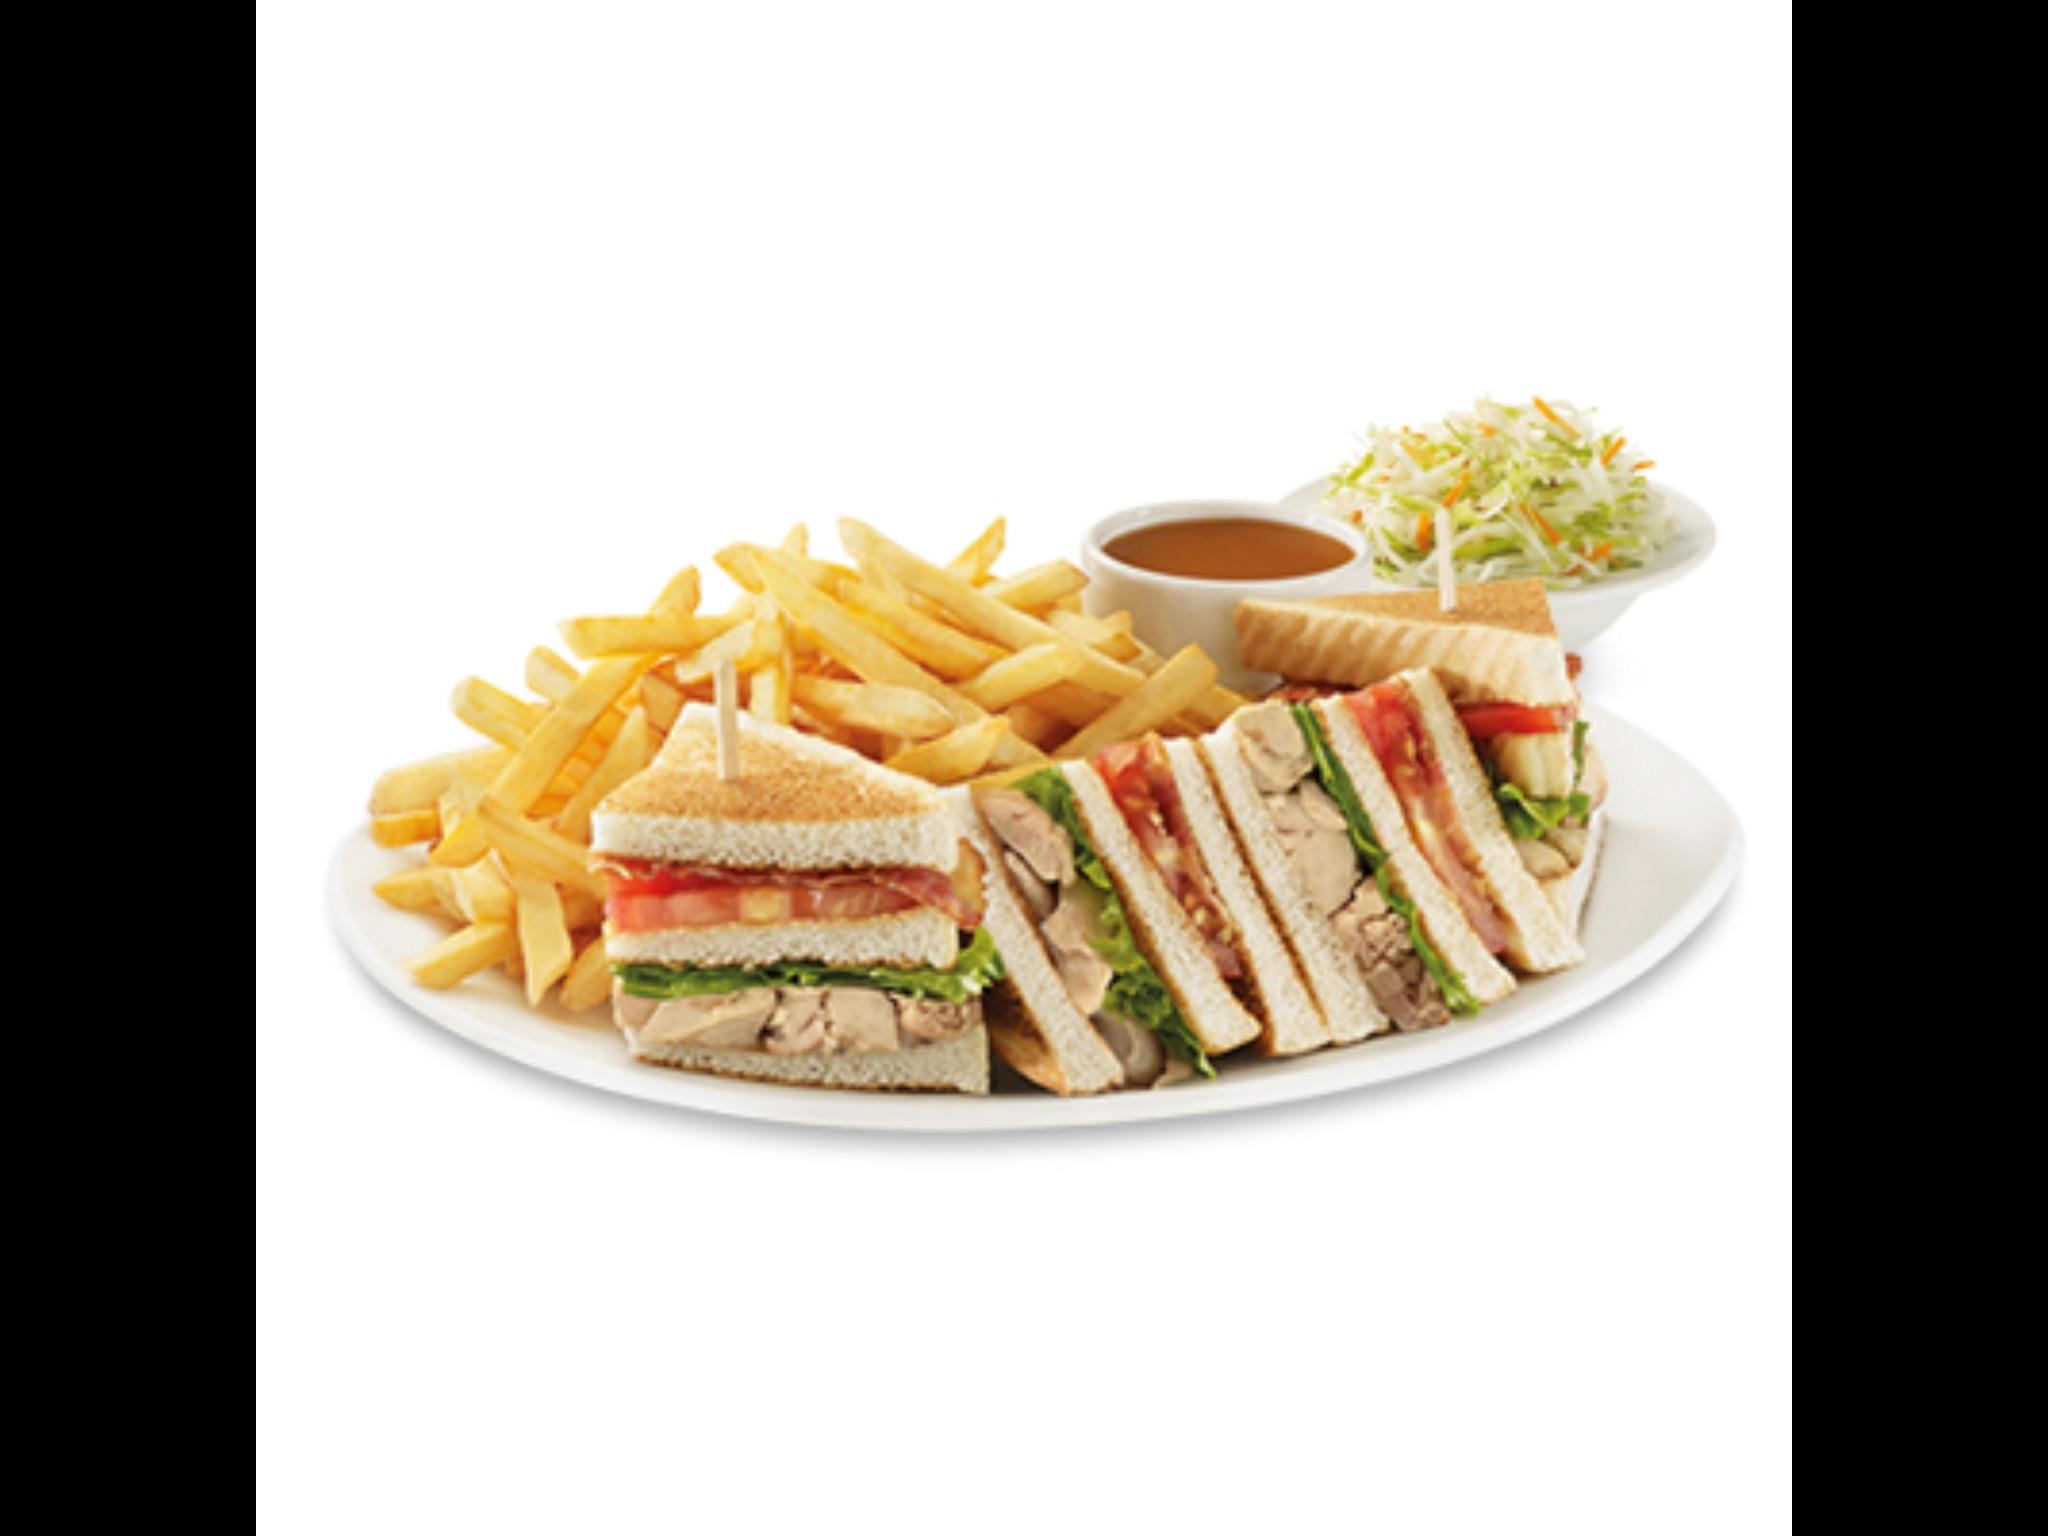 Club sandwich & French fries